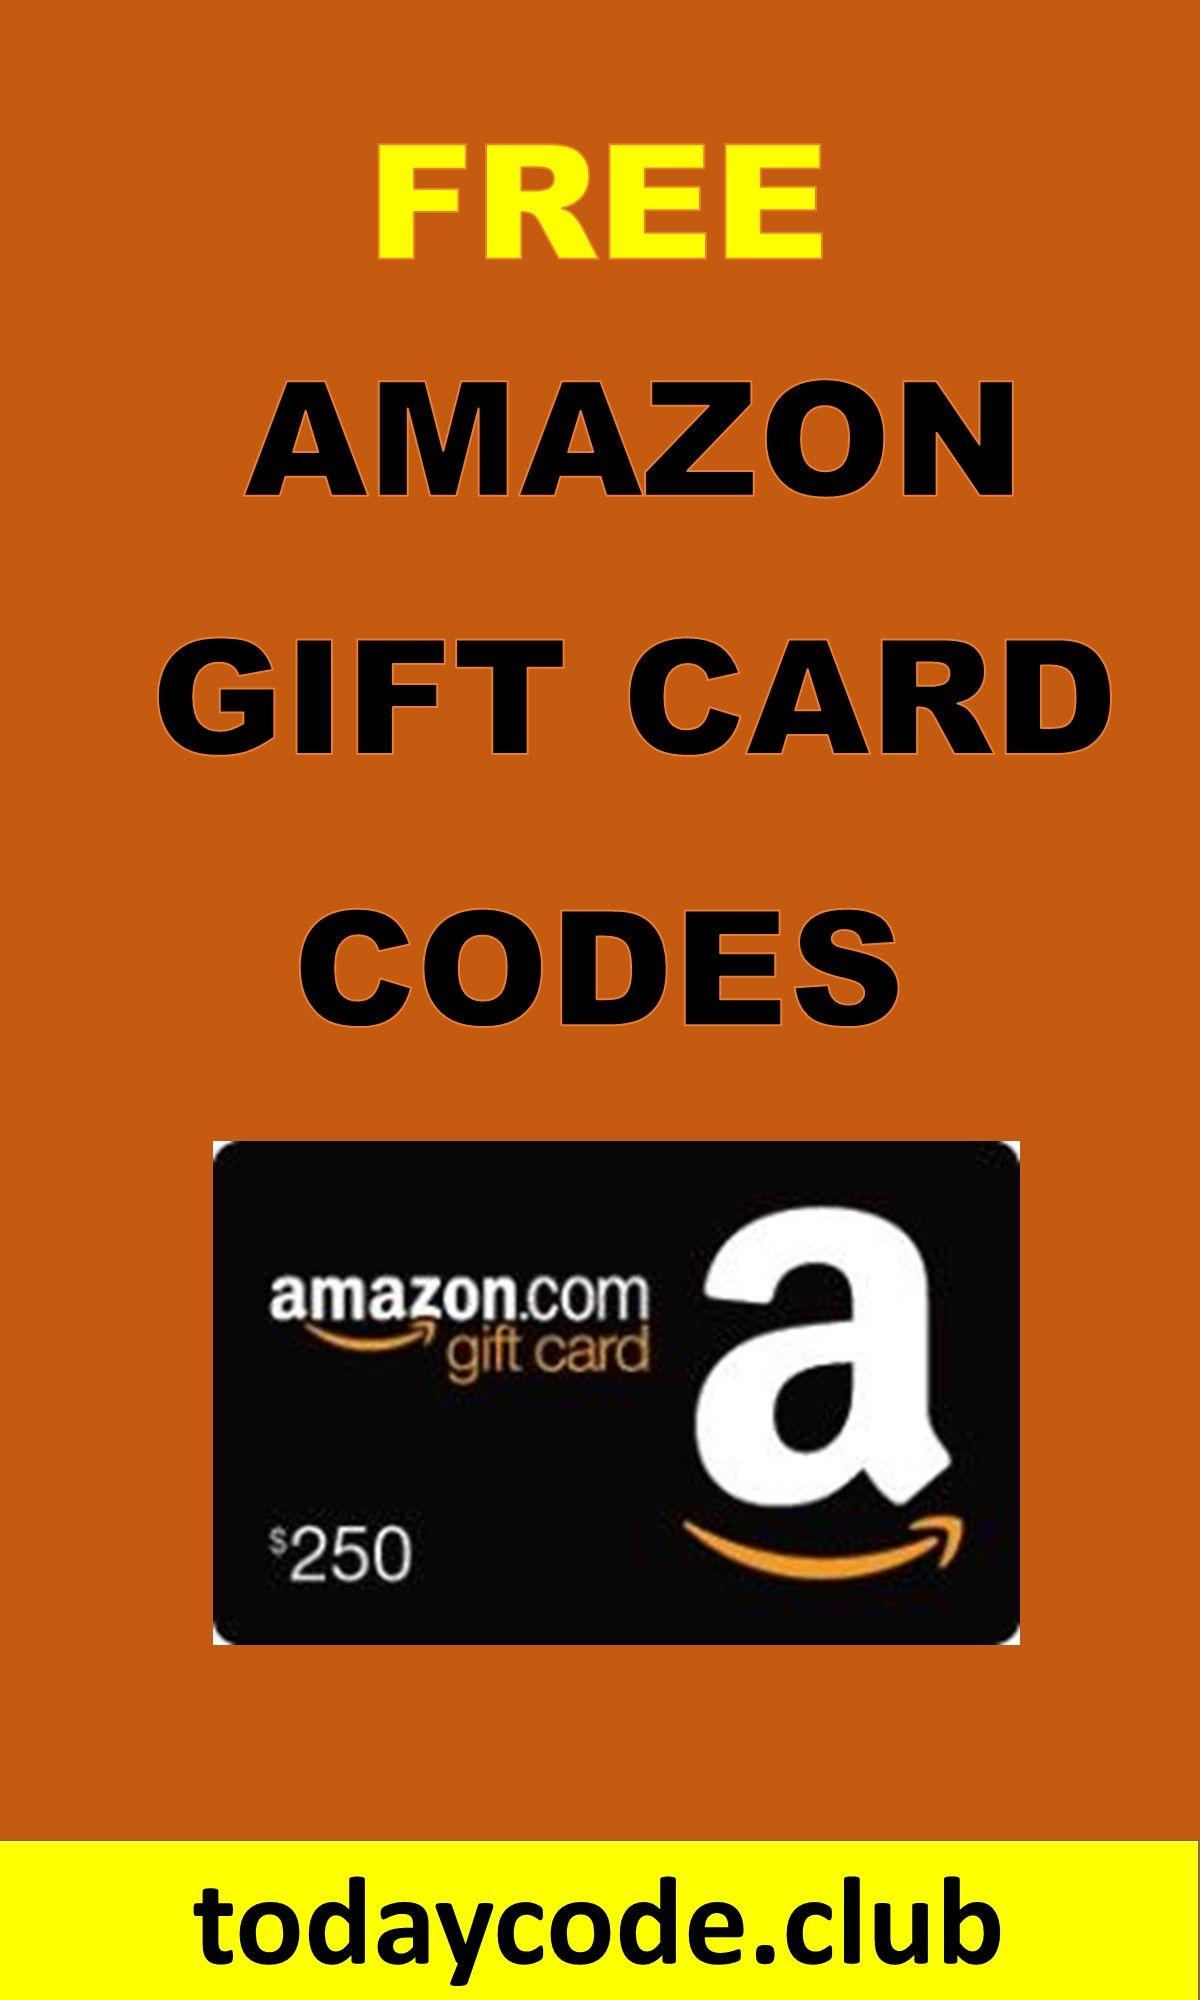 Amazon Gift Card Giveaway Amazon Gift Card Free Free Amazon Products Amazon Gift Cards